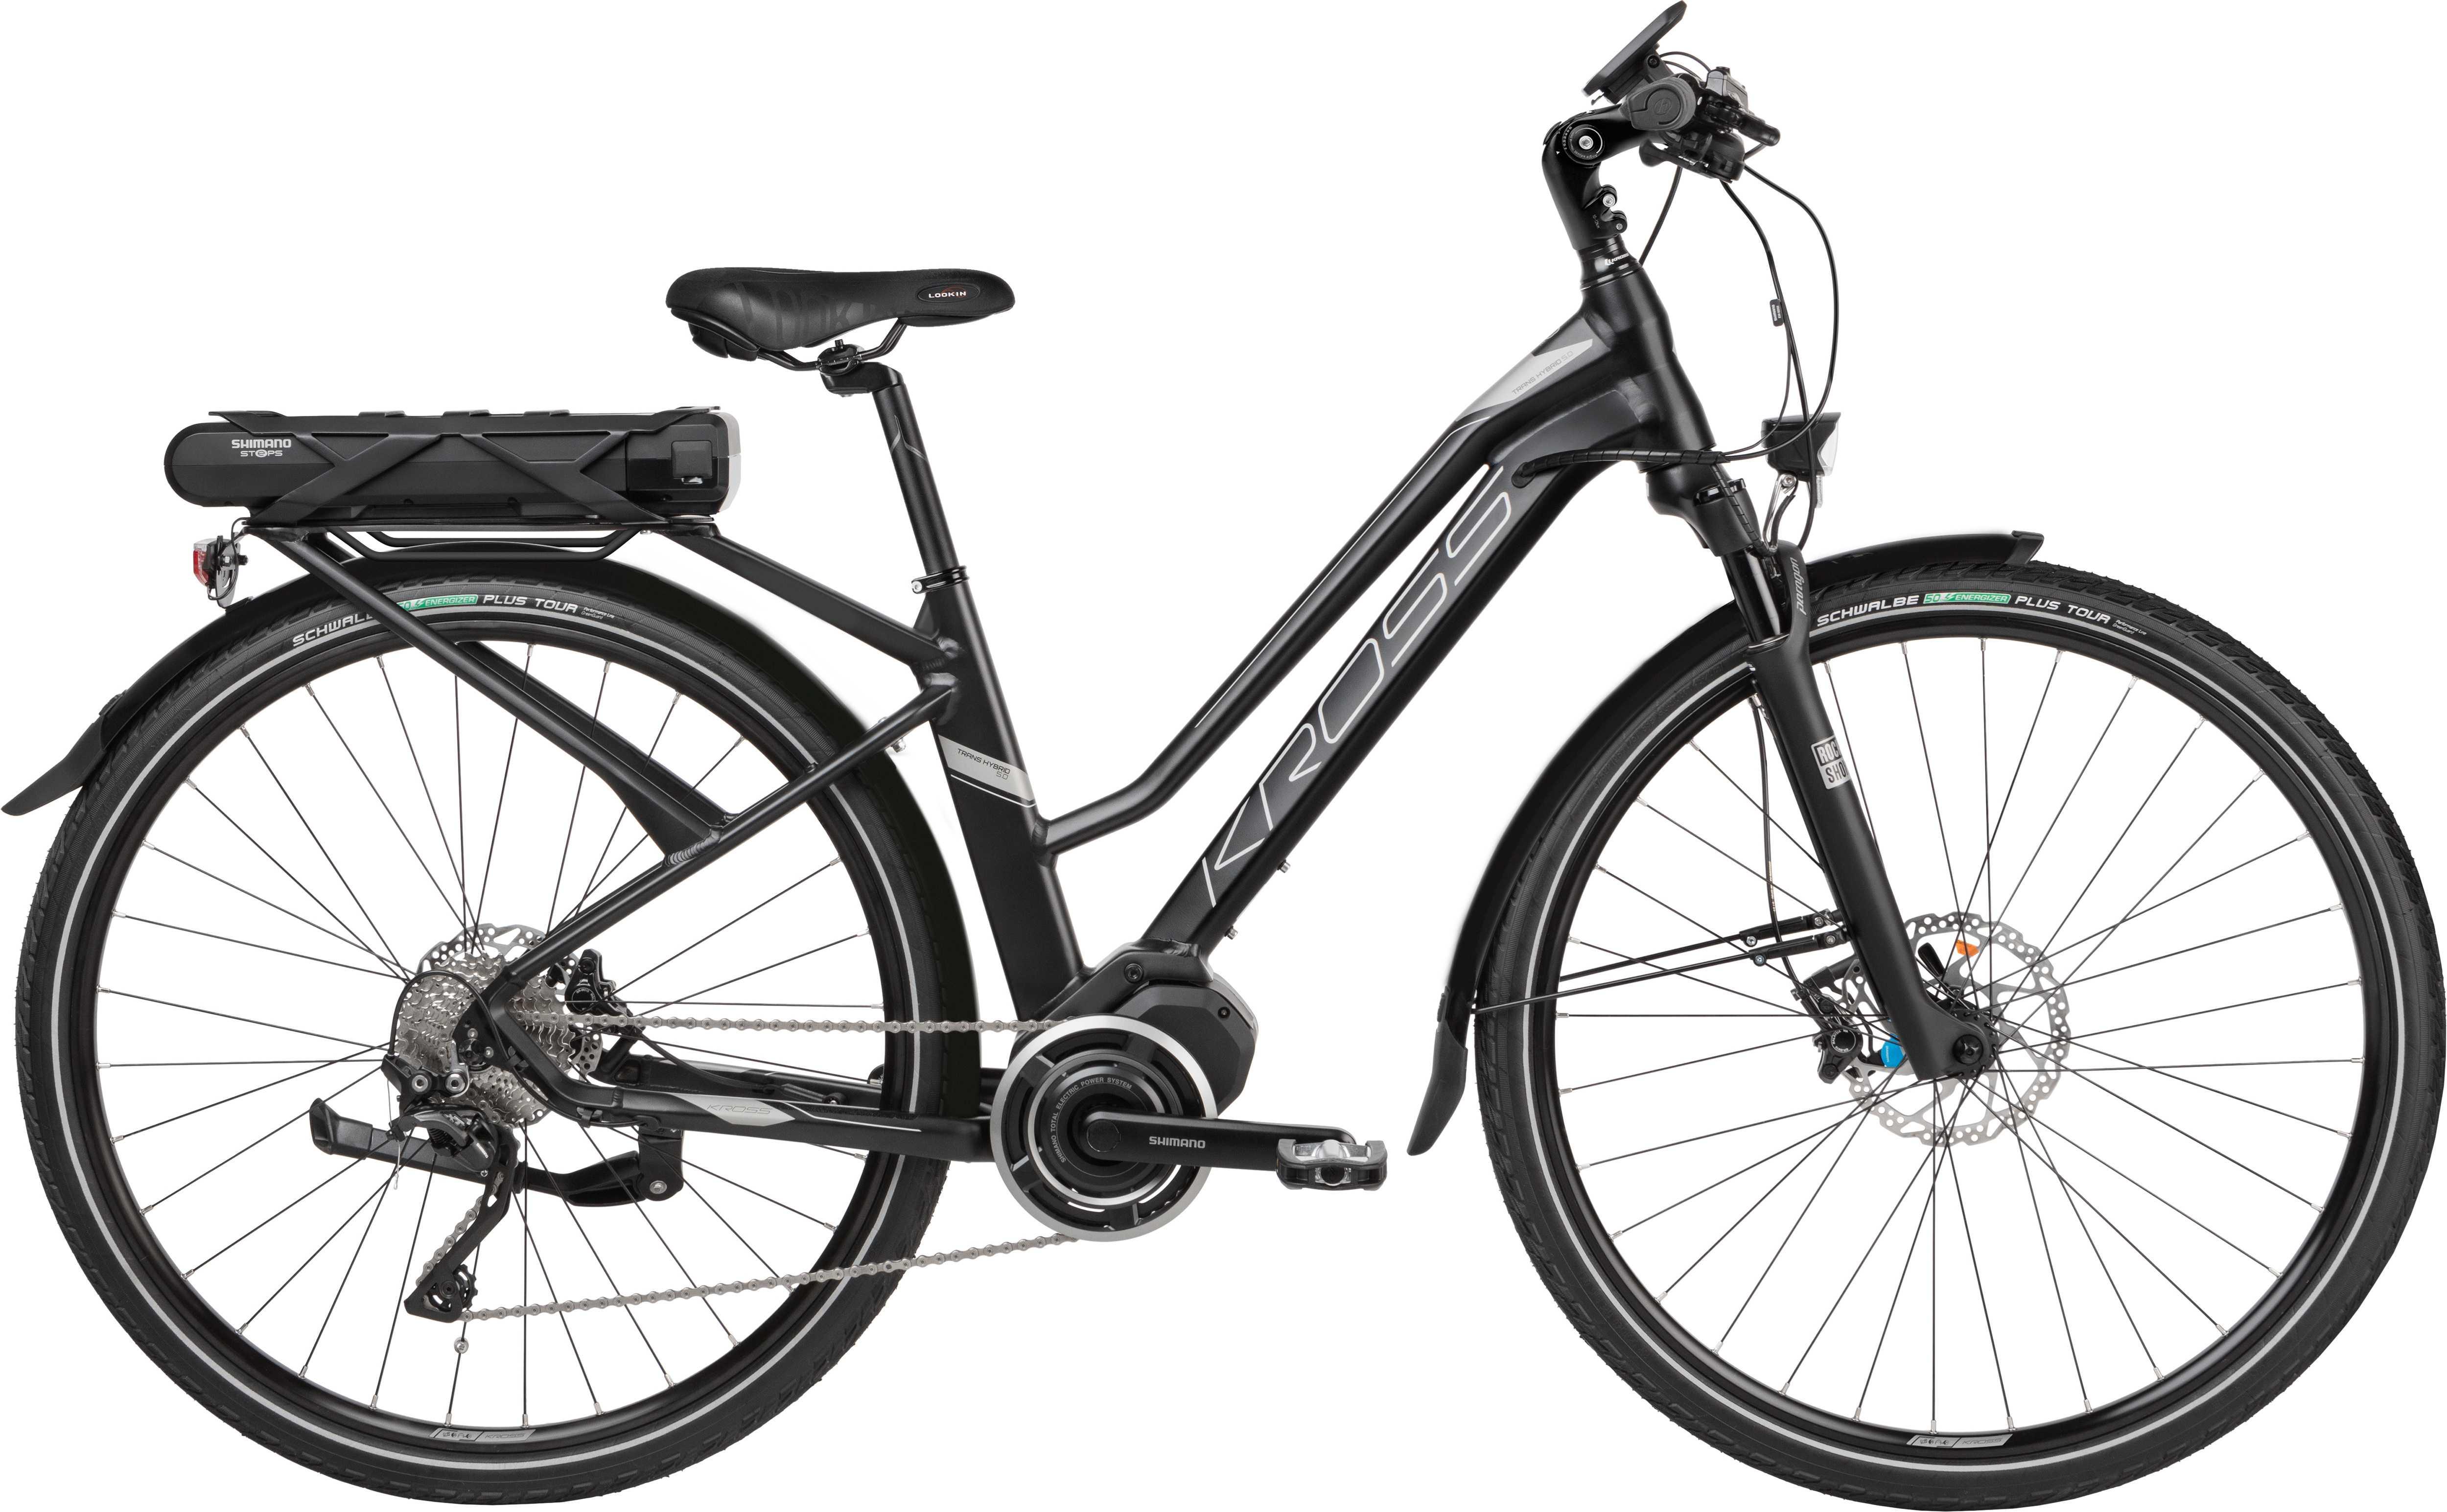 Kross Trans Hybrid 5.0 dam matt svart/Graphite 43 cm